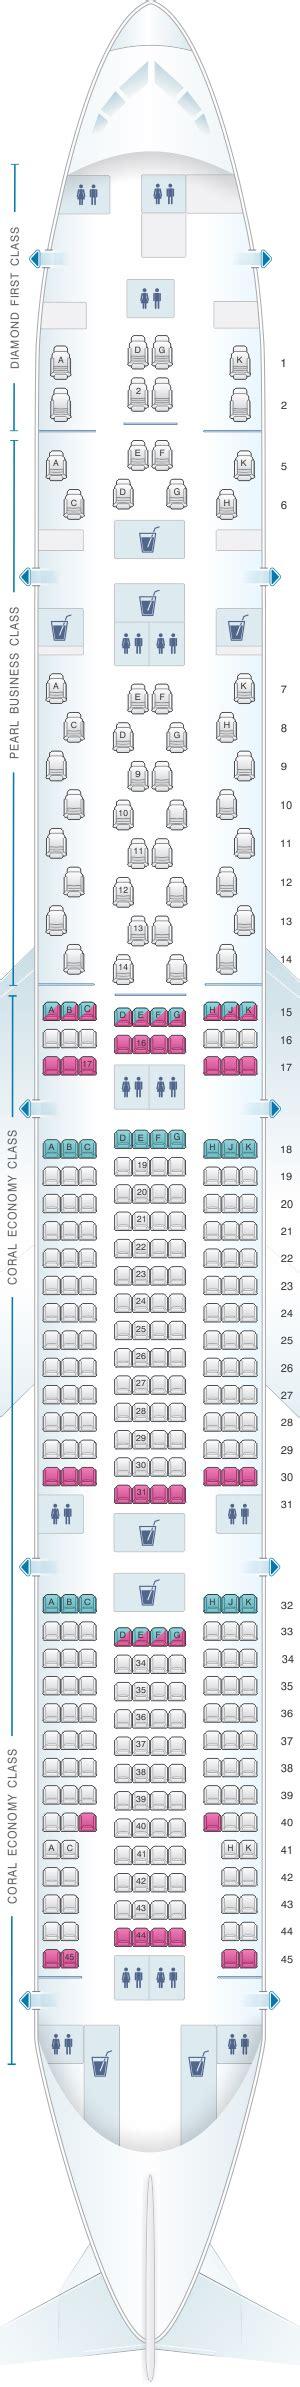 plan siege boeing 777 300er plan de cabine etihad airways boeing b777 300er 3 class